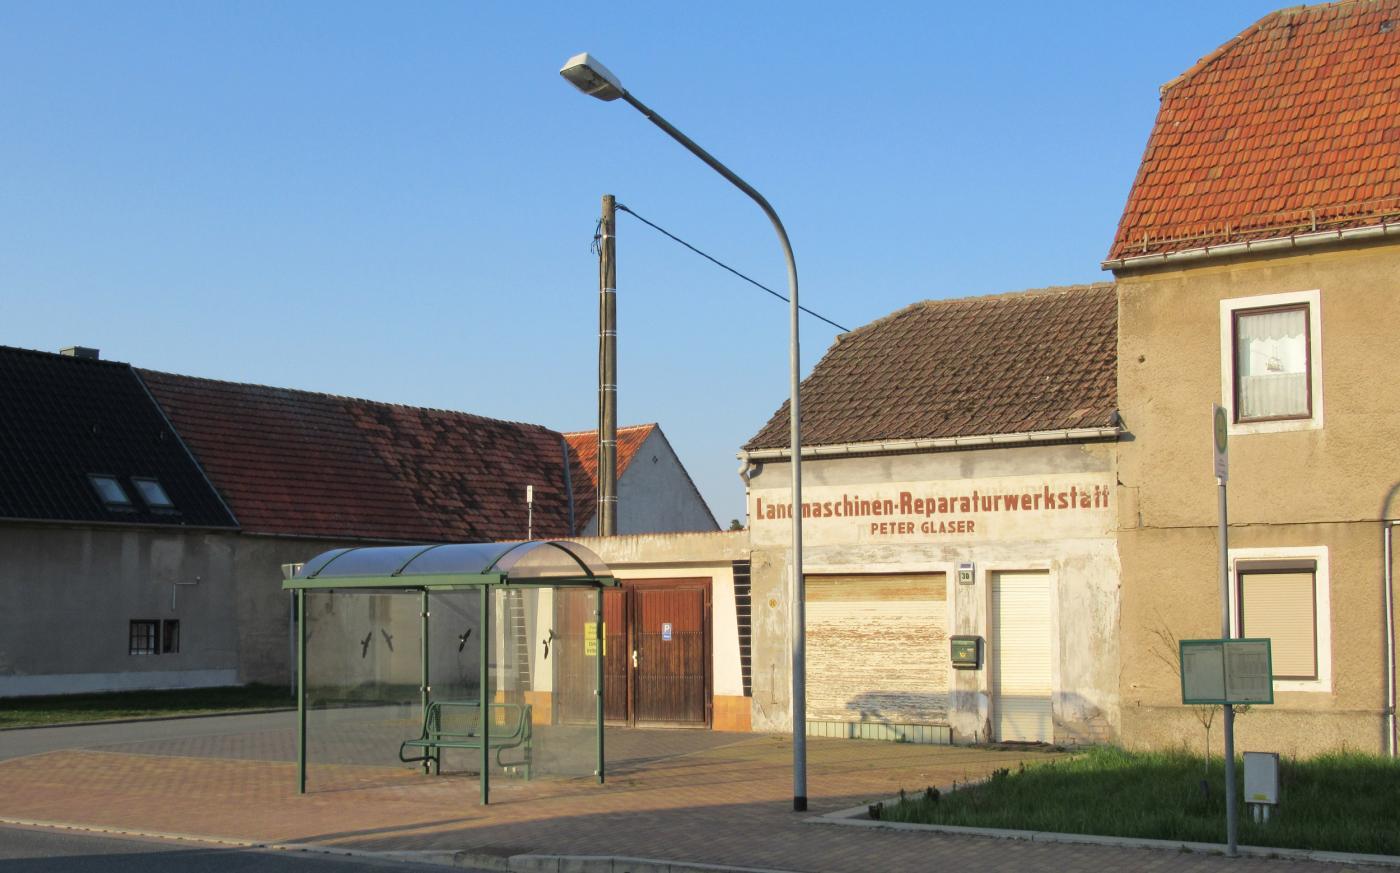 Maßnahmenplanung - Datenqualität SALKA (Sächsisches Altlastenkataster), Paket Historische Erkundungen (HE) im Stadtgebiet Gröditz/Stadt Gröditz im Landkreis Meißen